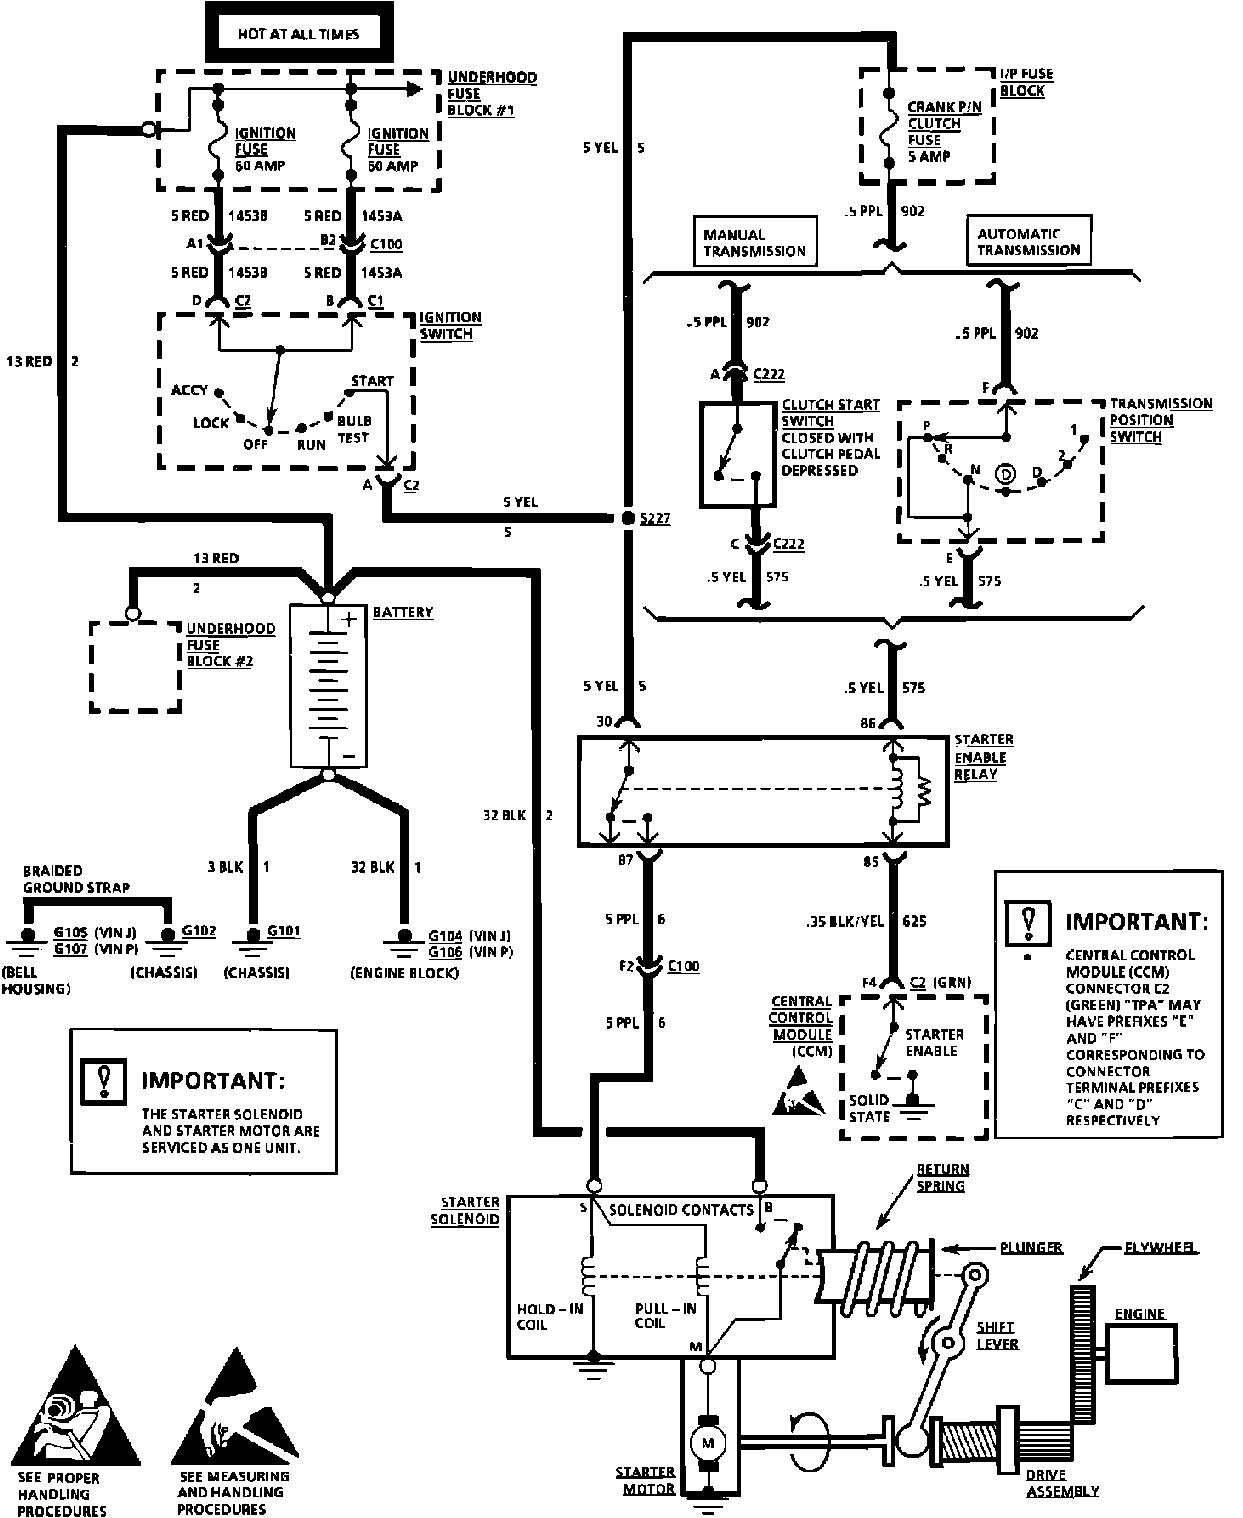 Electric starter wiring diagram